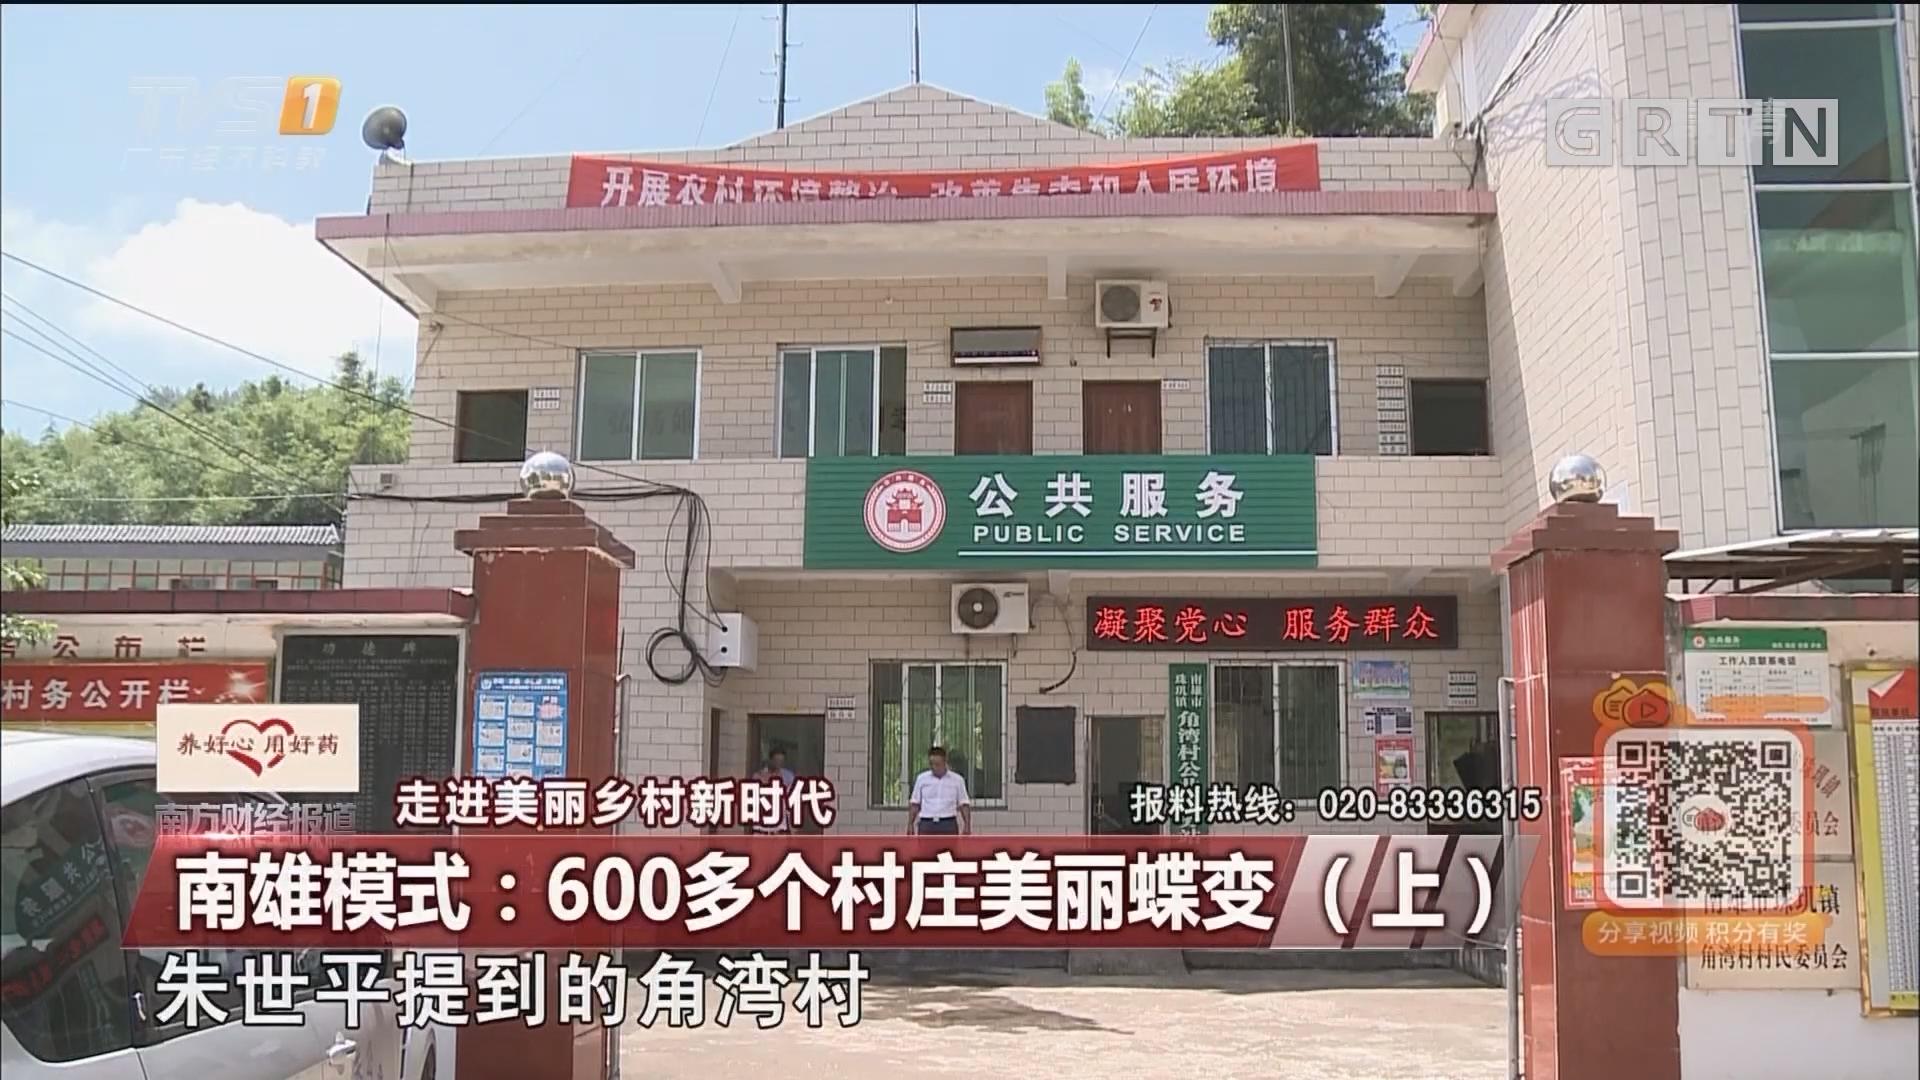 南雄模式:600多个村庄美丽蝶变(上)